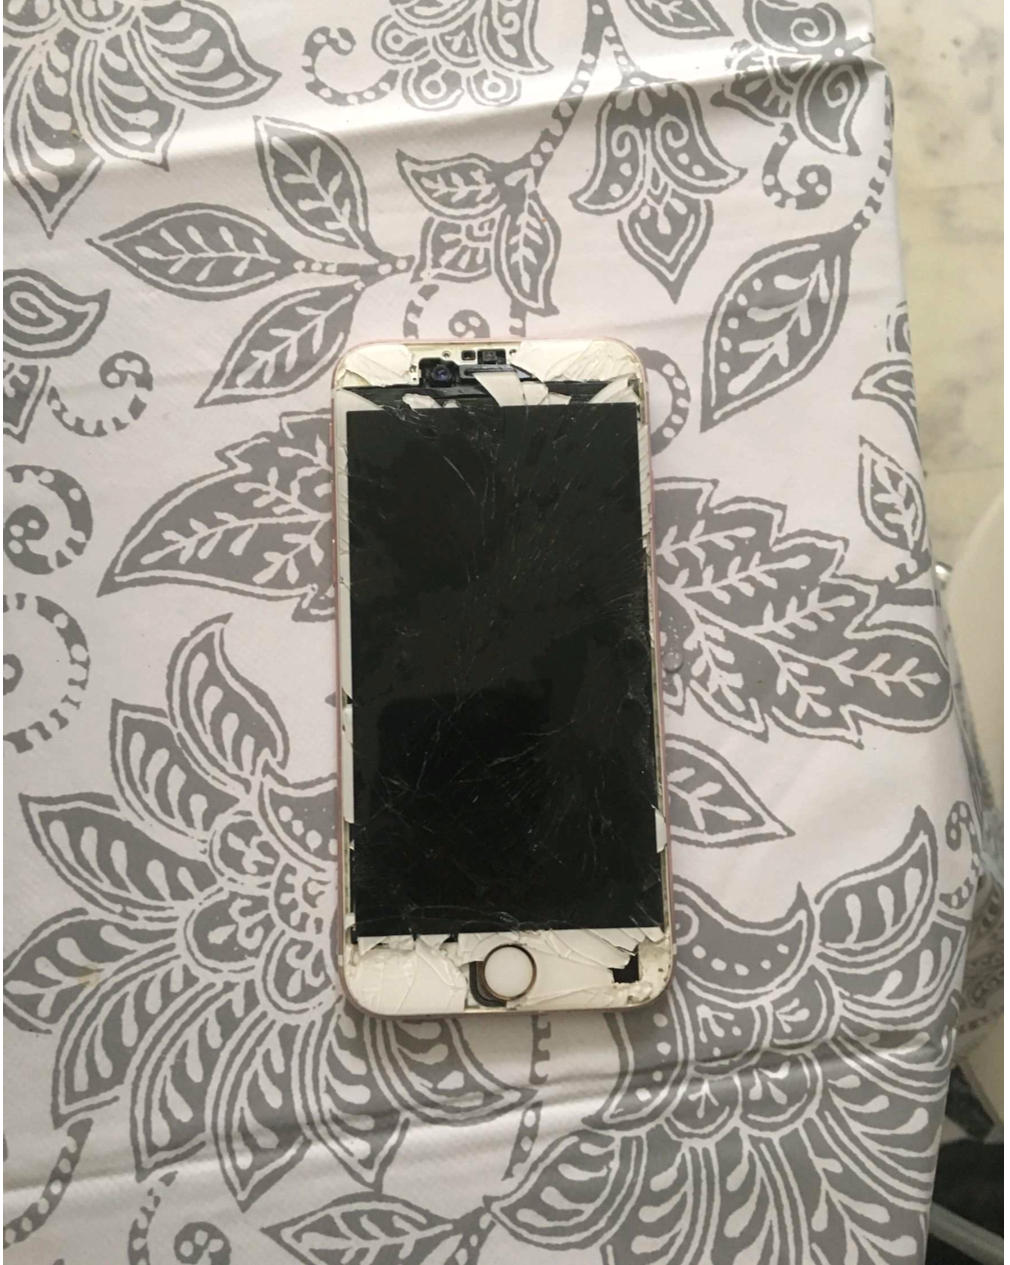 Telefonen låg mellan kvinnans ben när hon hittades död.